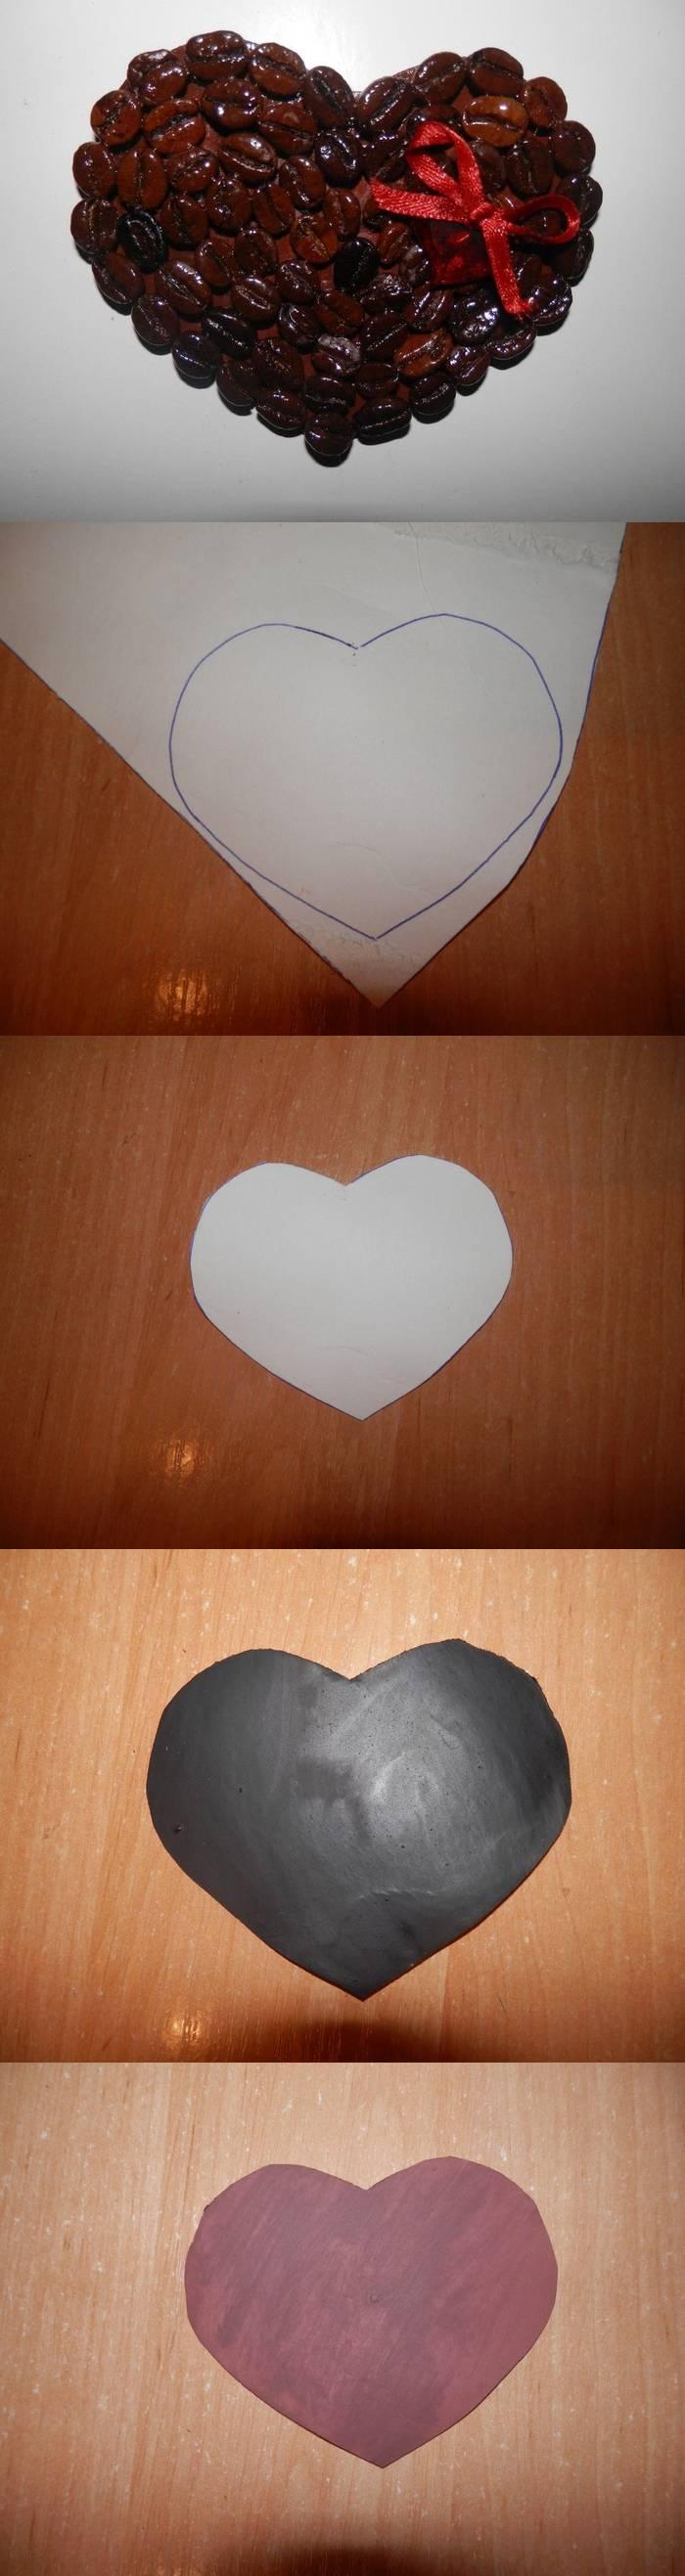 Магнит-сердце из кофейных зерен